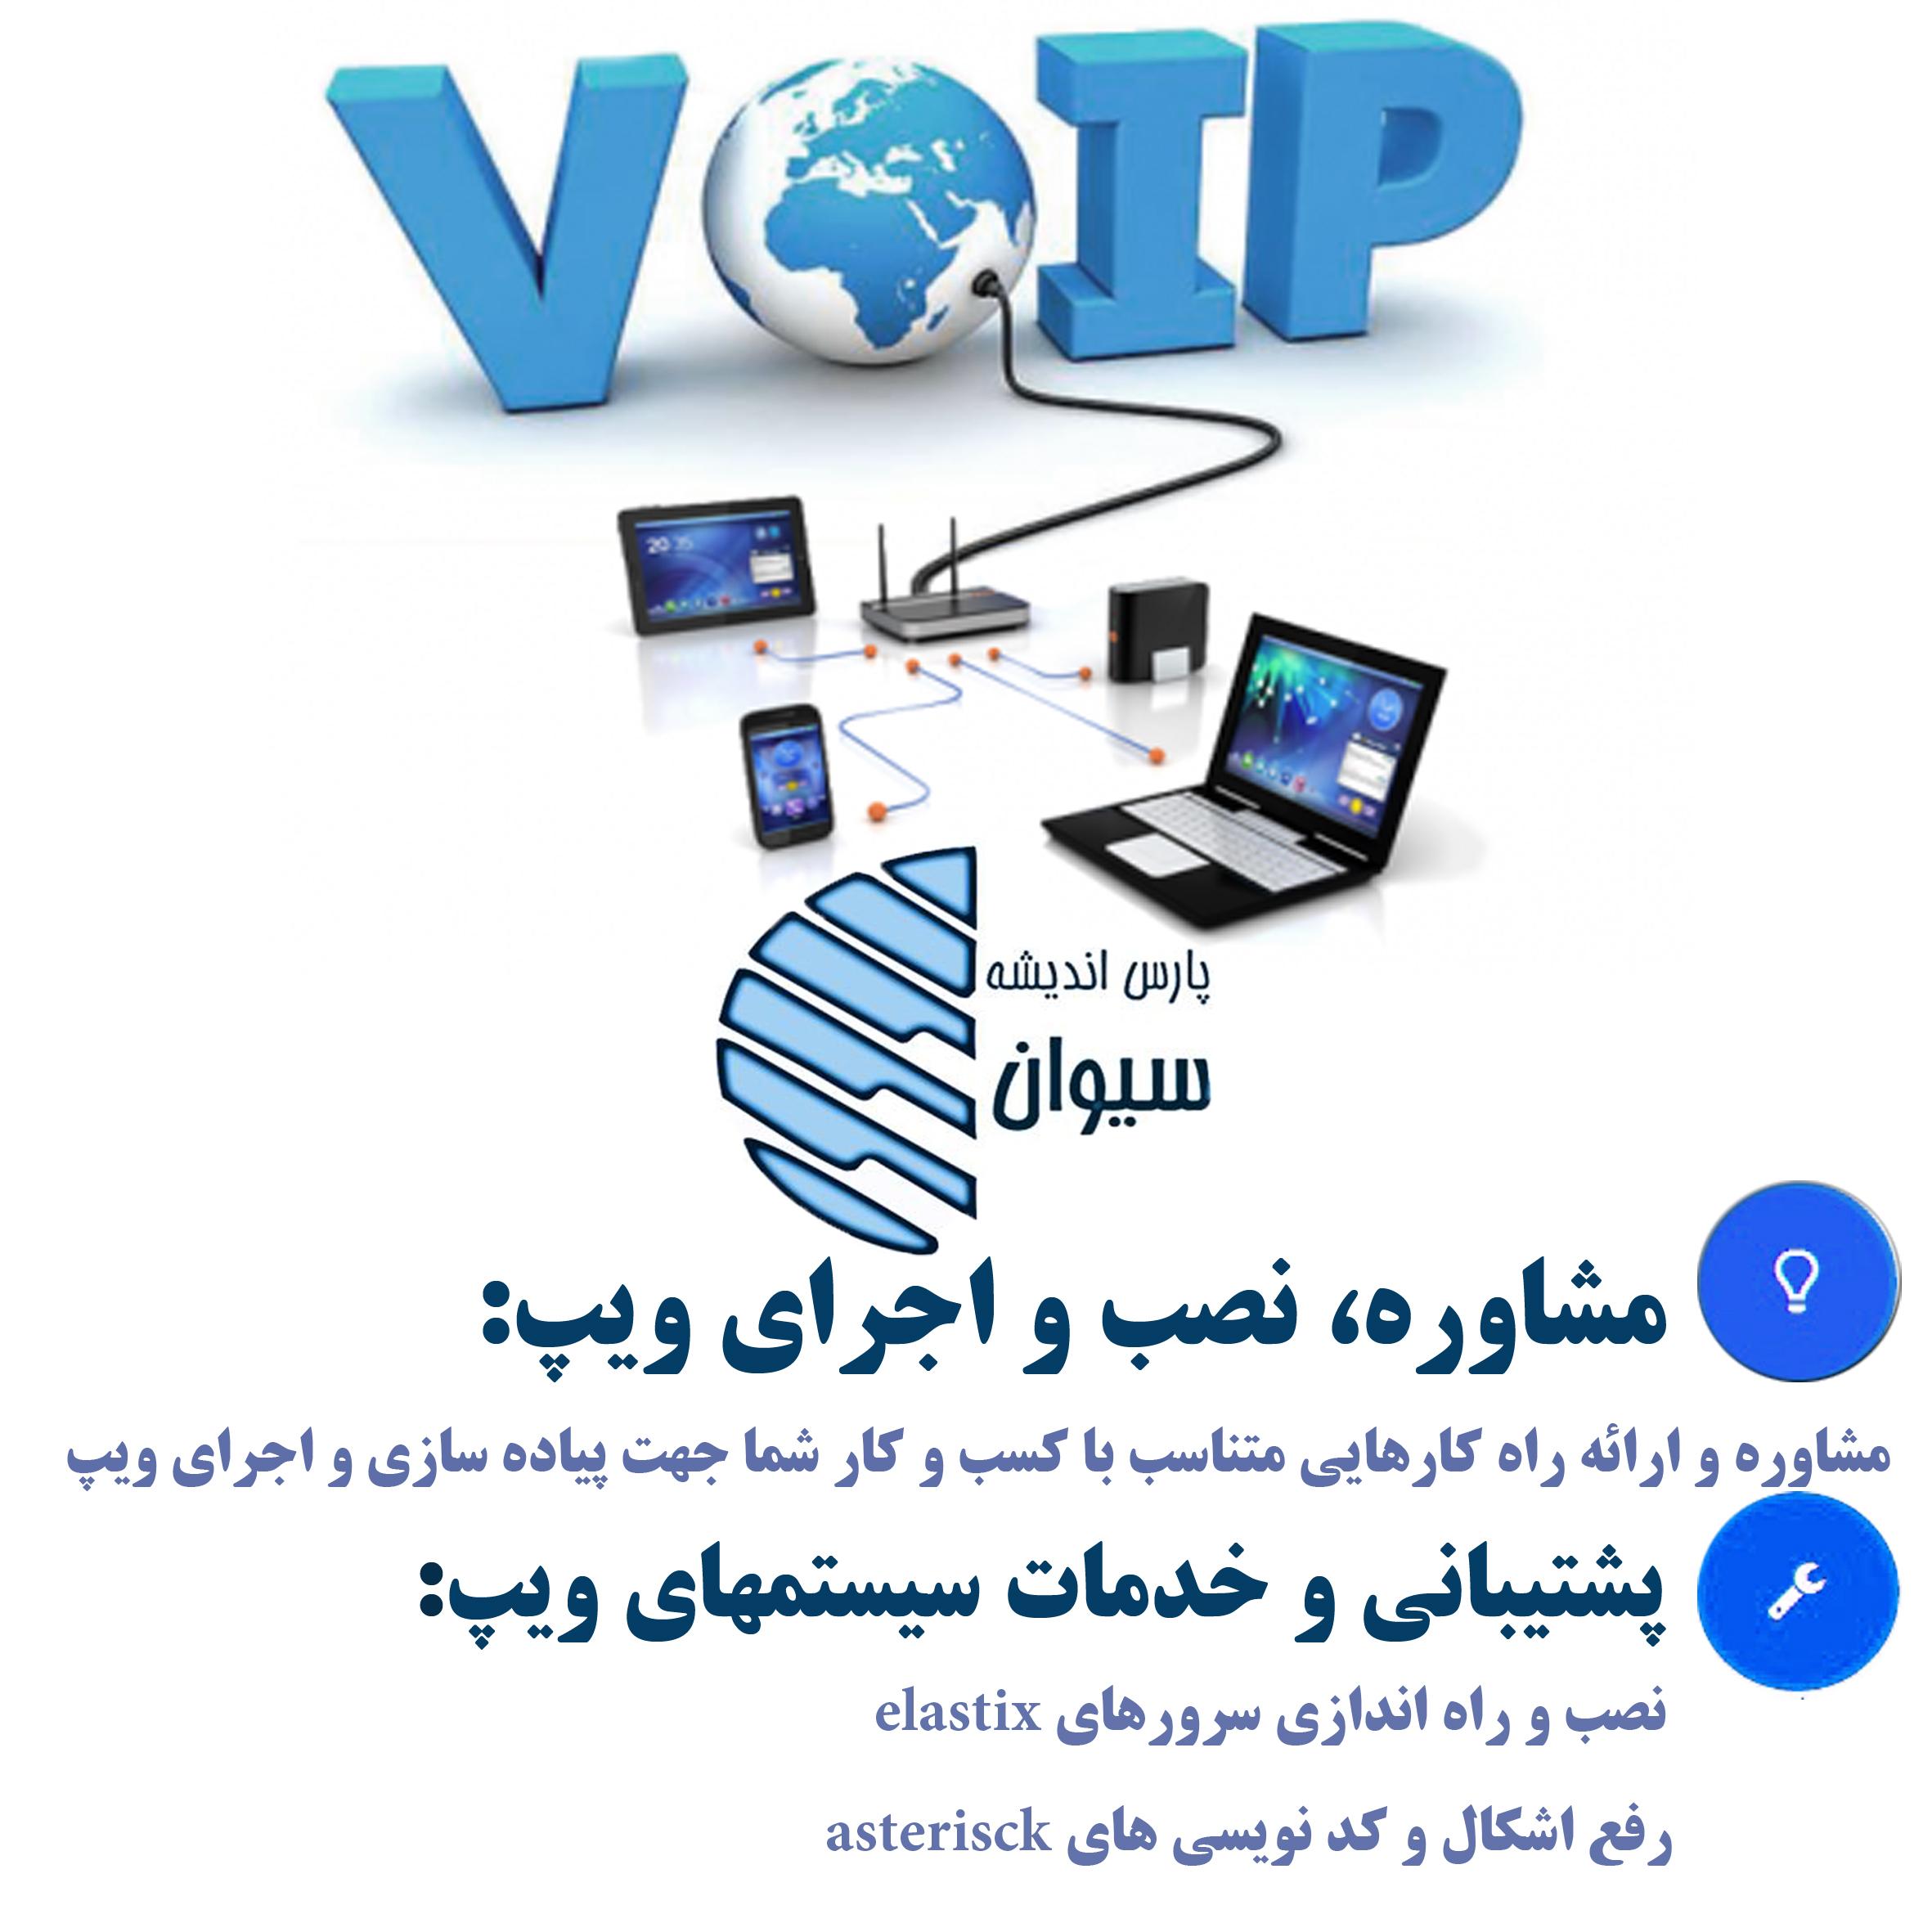 نصب و راه اندازی انواع ویپ سرور